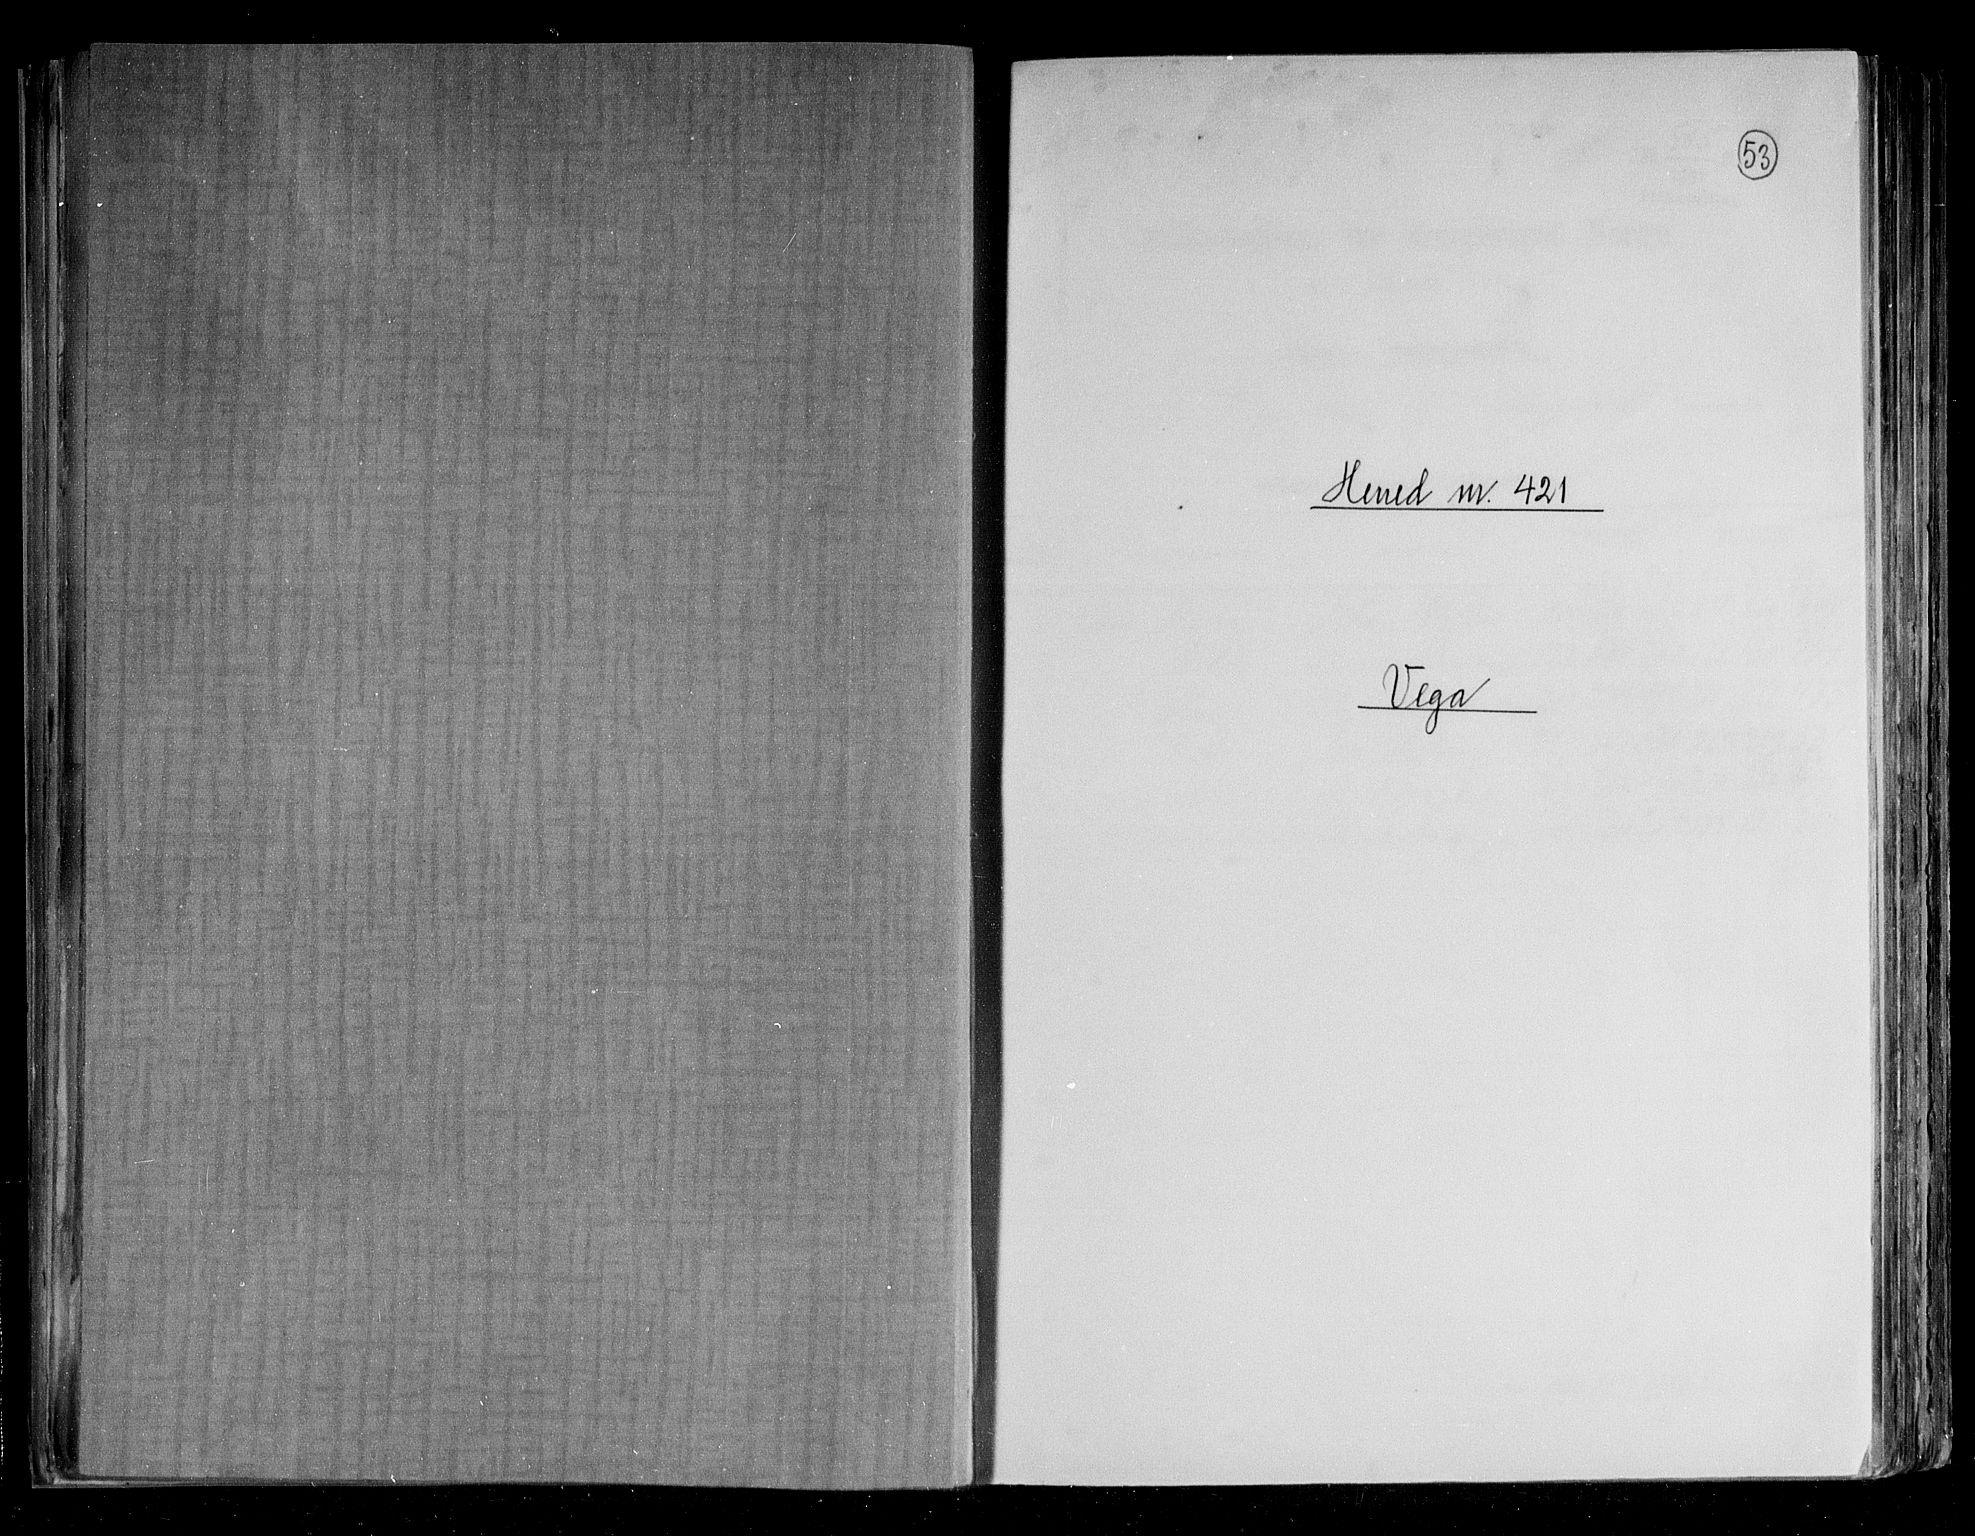 RA, Folketelling 1891 for 1815 Vega herred, 1891, s. 1